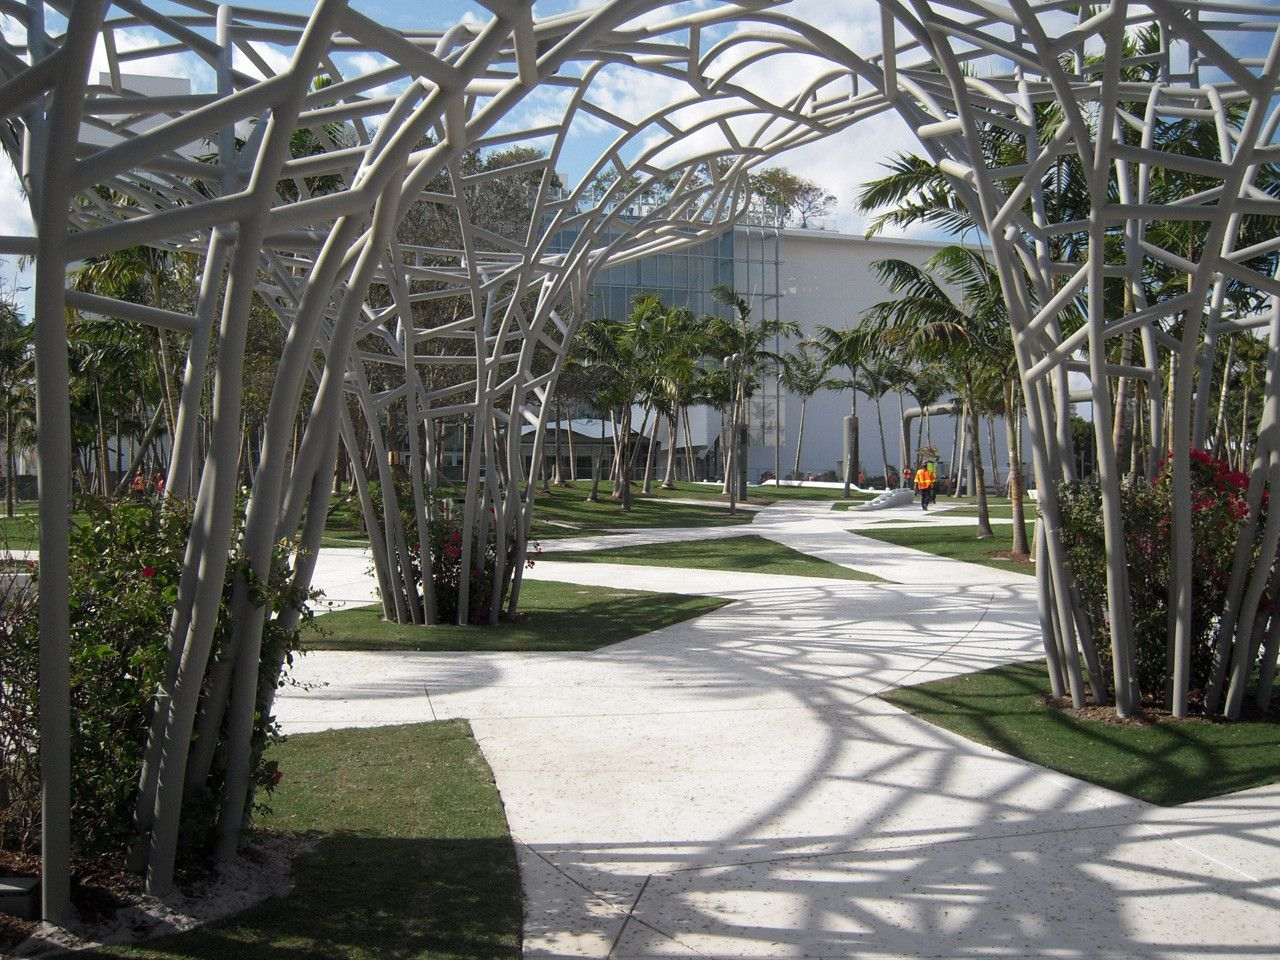 Gallery of Miami Beach Soundscape  West 8  14  Miami Beach SoundscapeCourtesy of west 8 urban design  landscape architecture